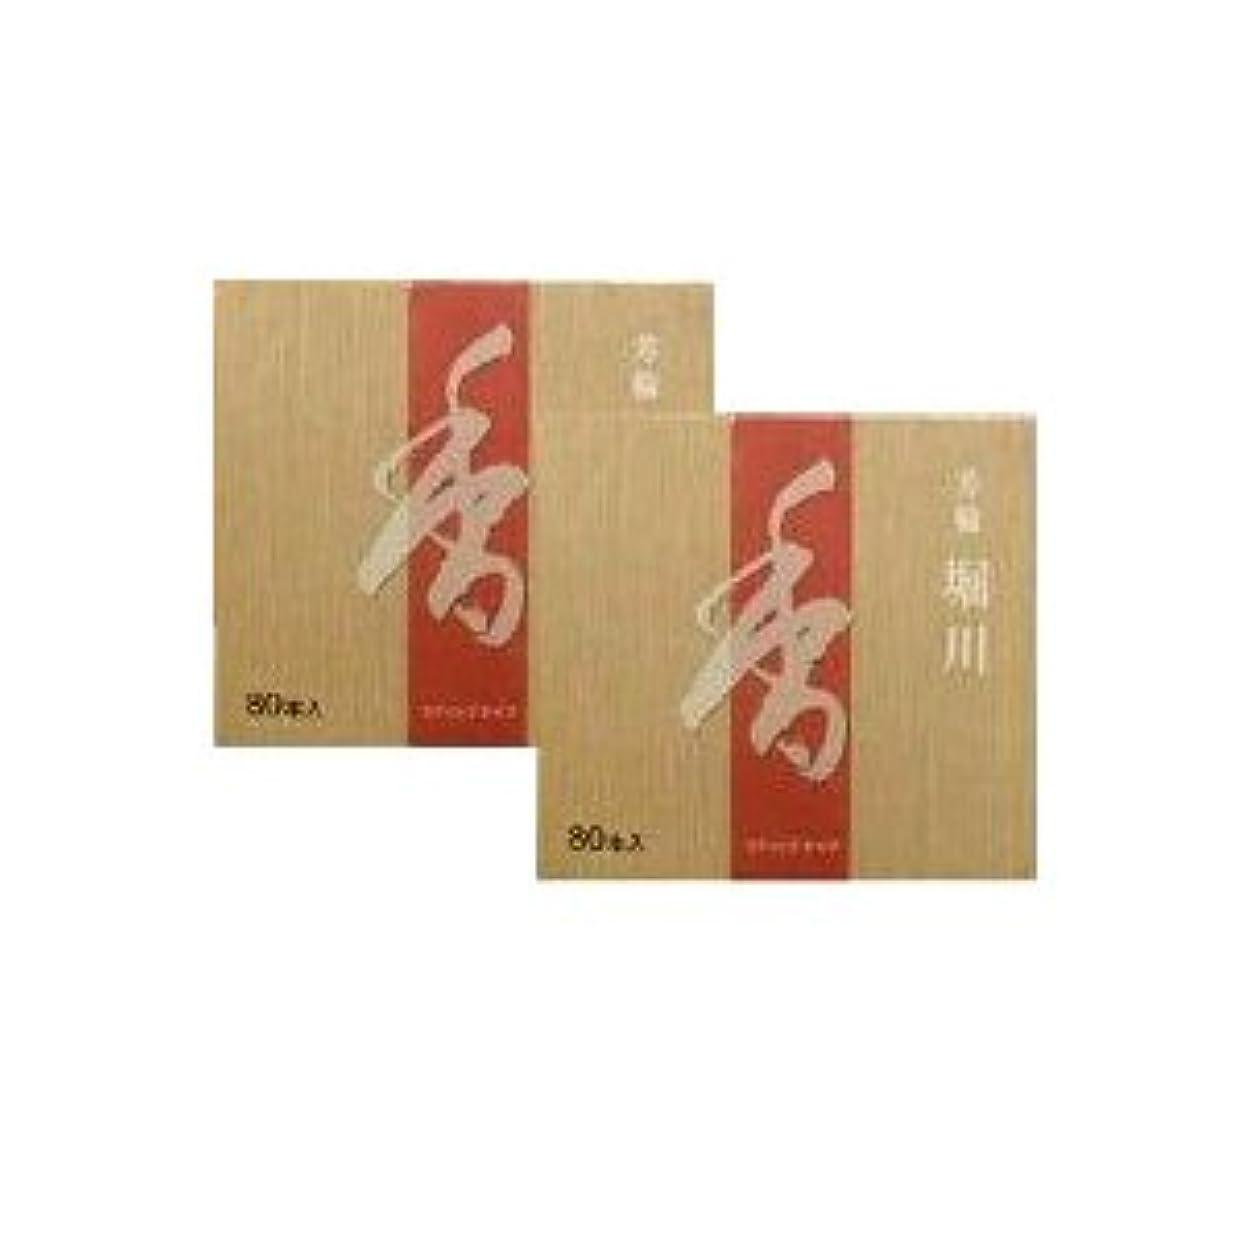 話すフローティング団結する松栄堂 芳輪 堀川 スティック80本入 2箱セット